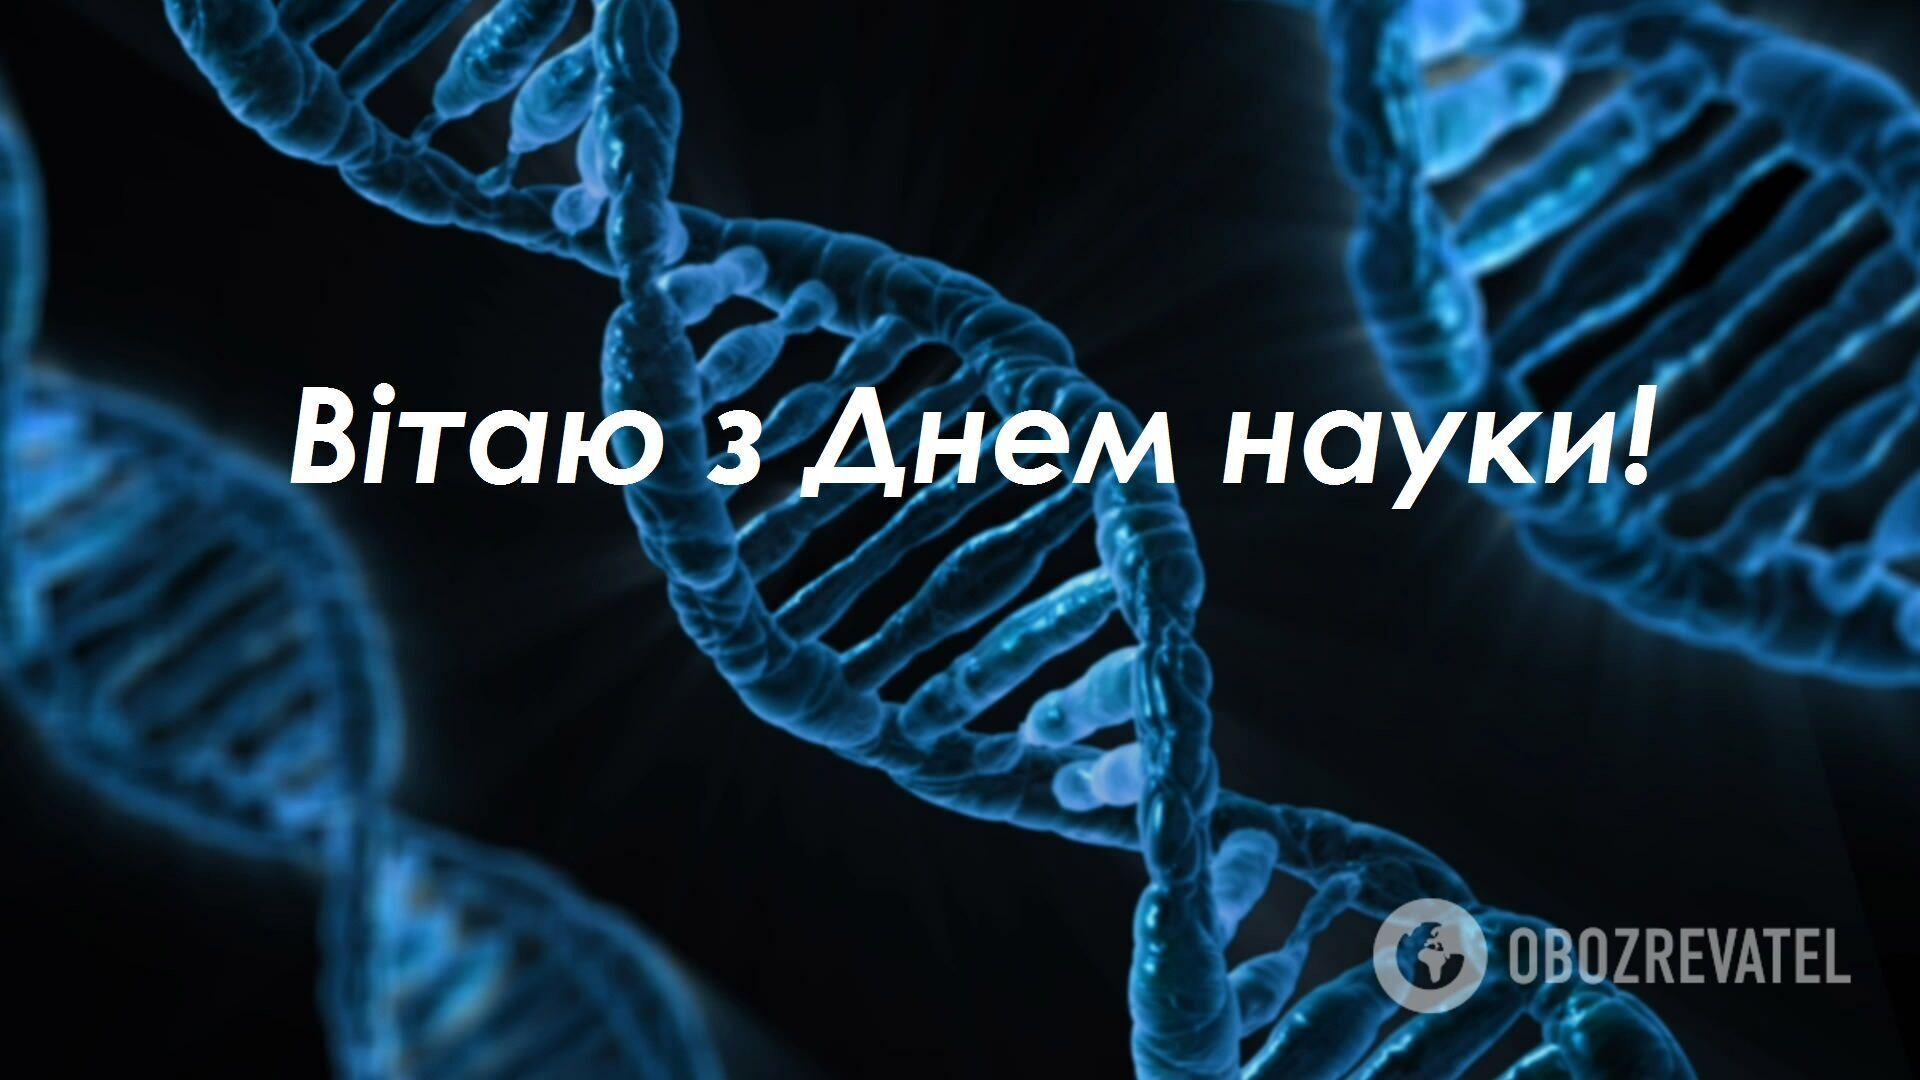 Открытка в День науки